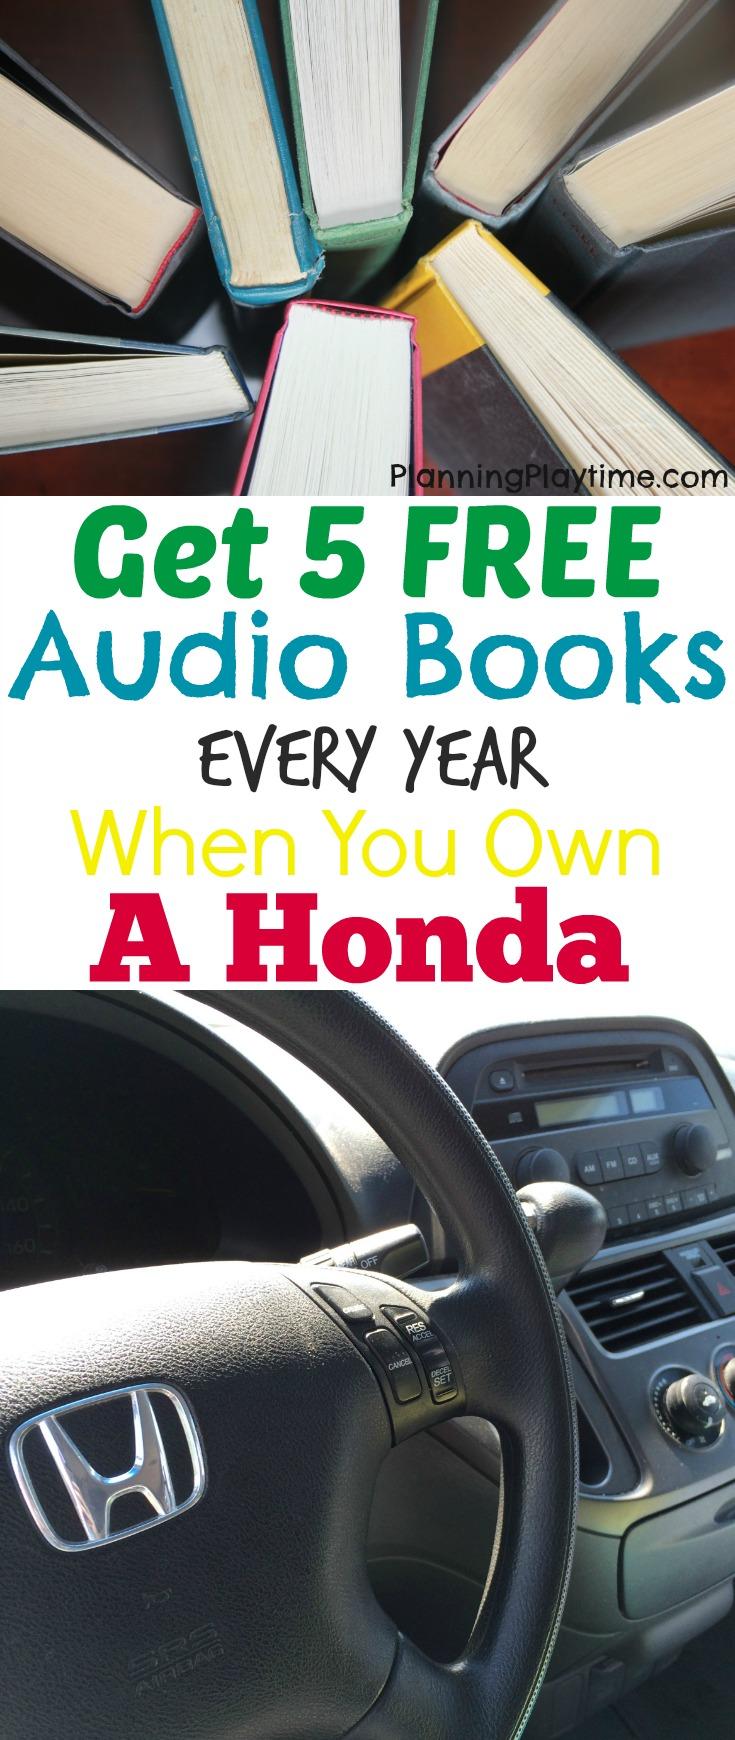 Honda Readers Pin